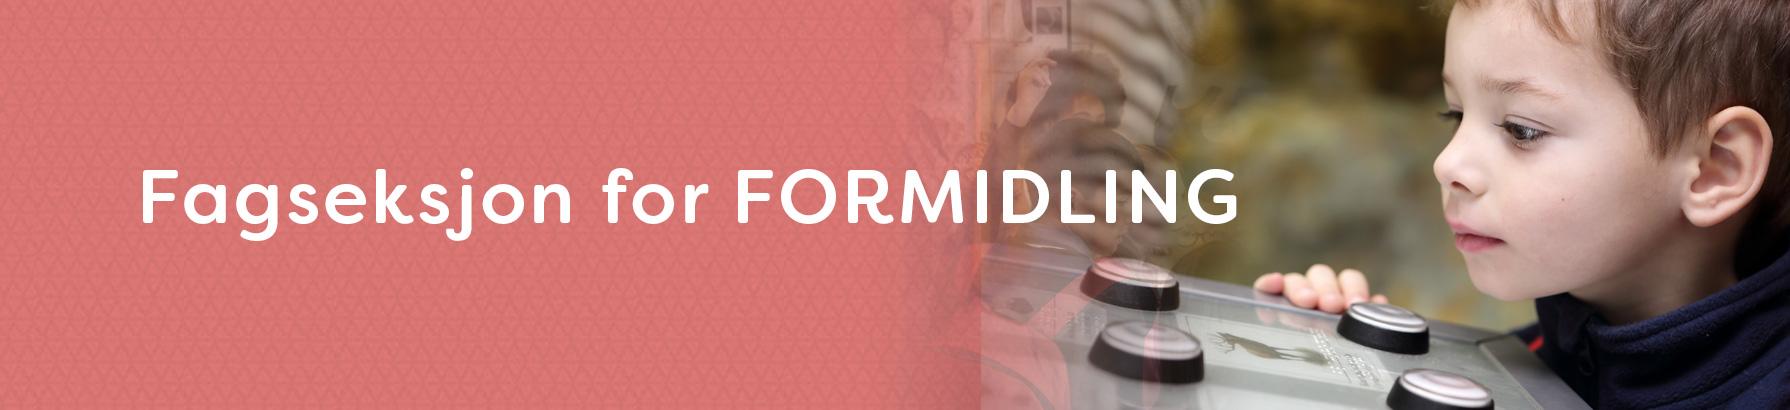 Fag_FORMIDLING